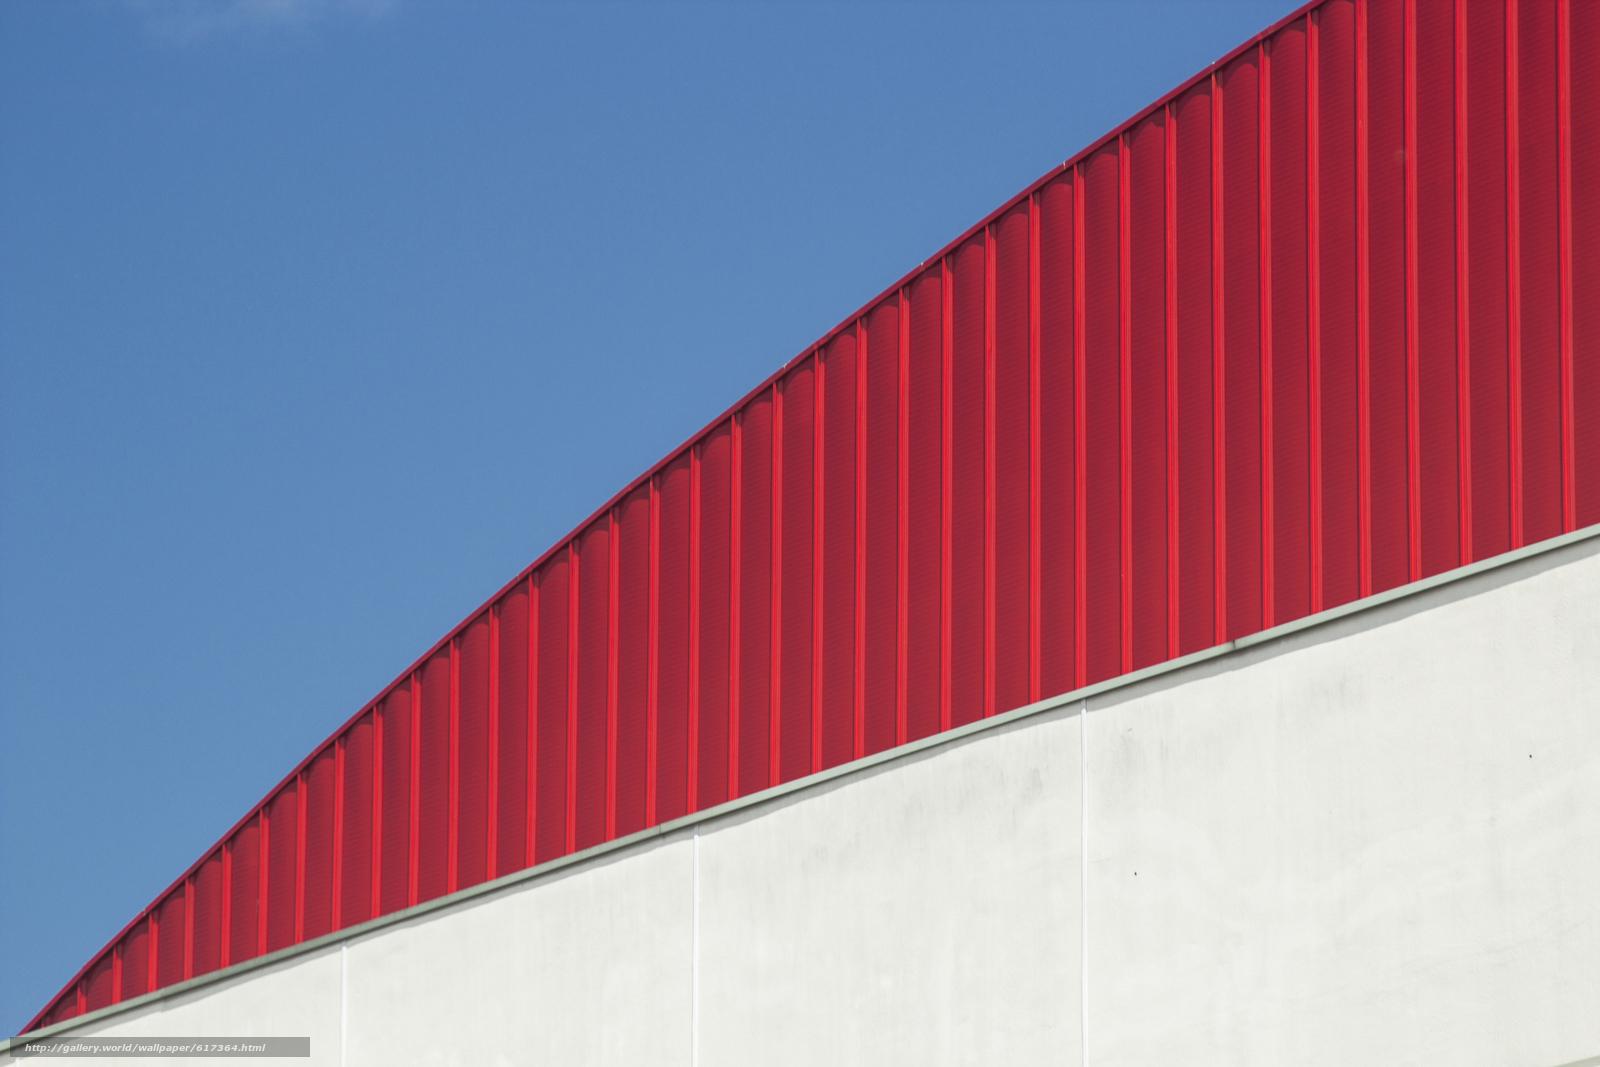 Download Hintergrund blau,  red,  weiß,  BESCHAFFENHEITS Freie desktop Tapeten in der Auflosung 5184x3456 — bild №617364